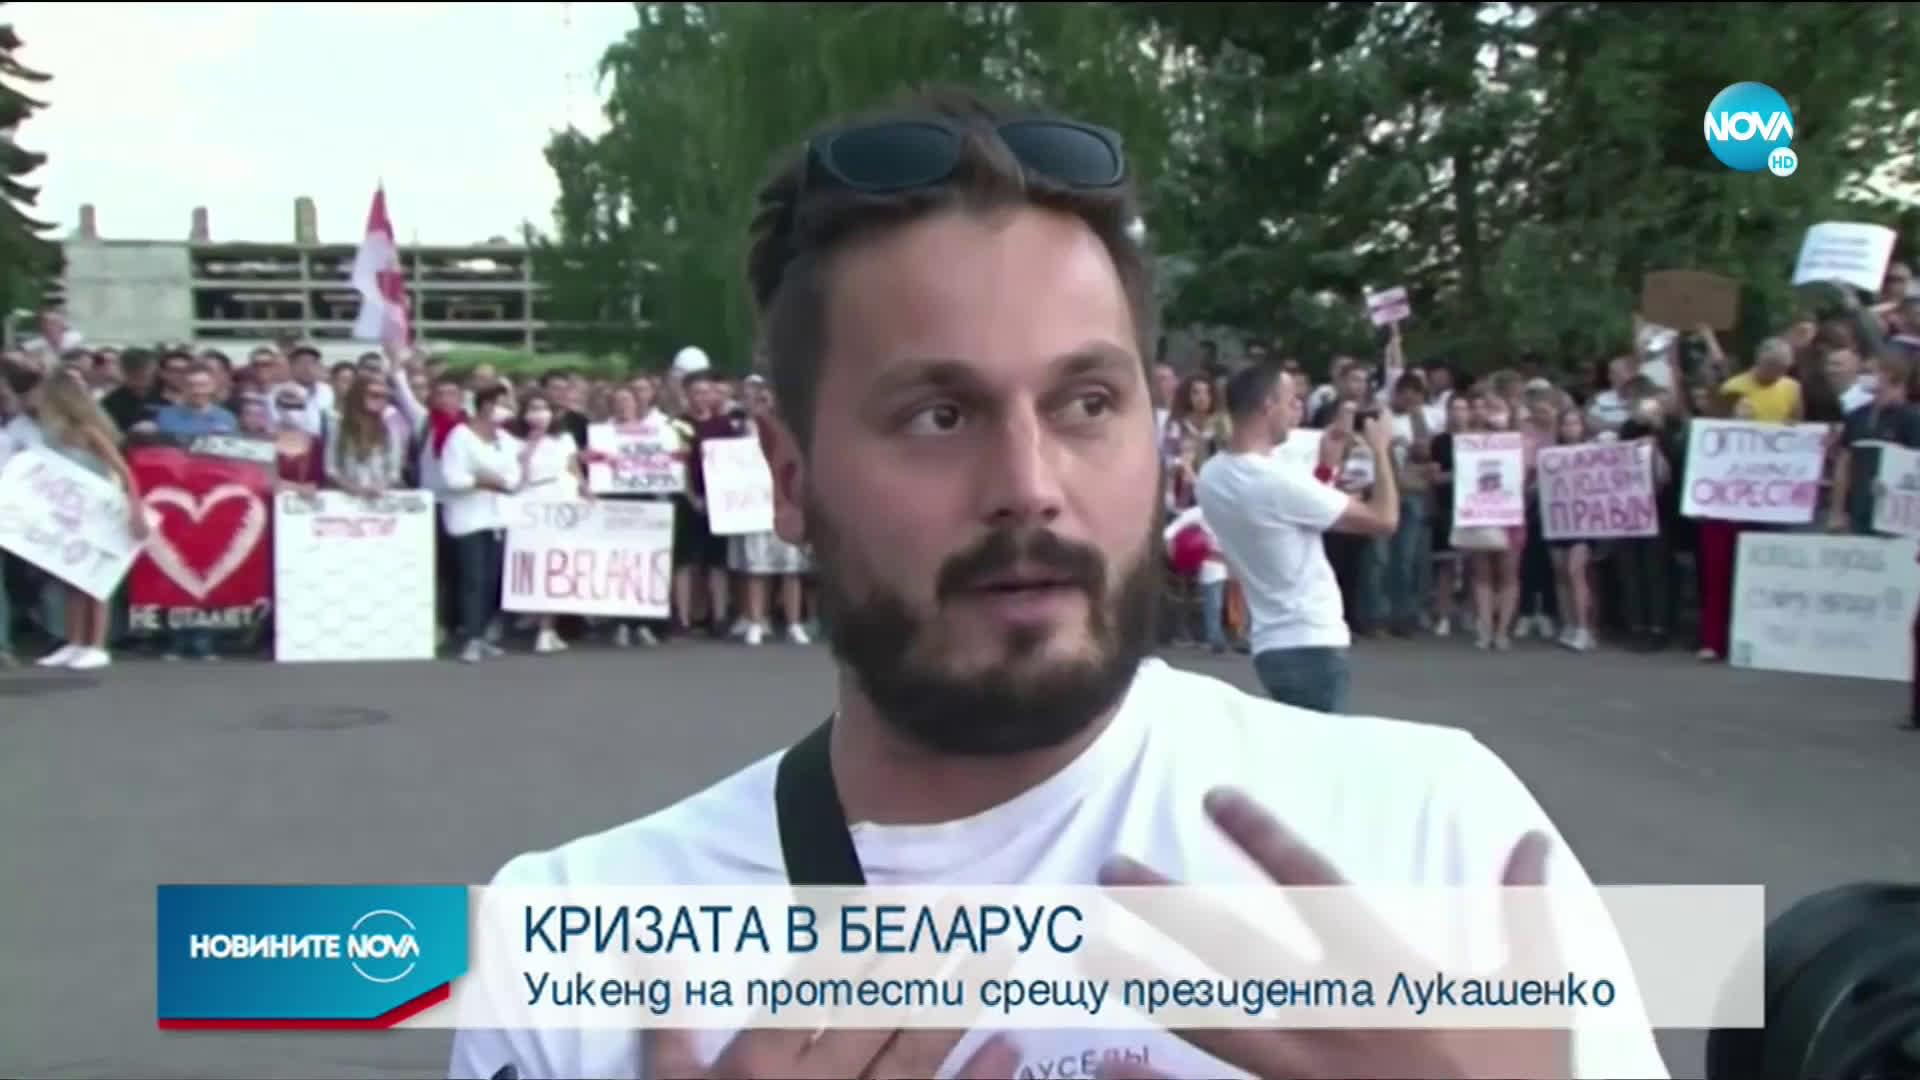 Служители на държавната телевизия на Беларус напуснаха, за да подкрепят протестите